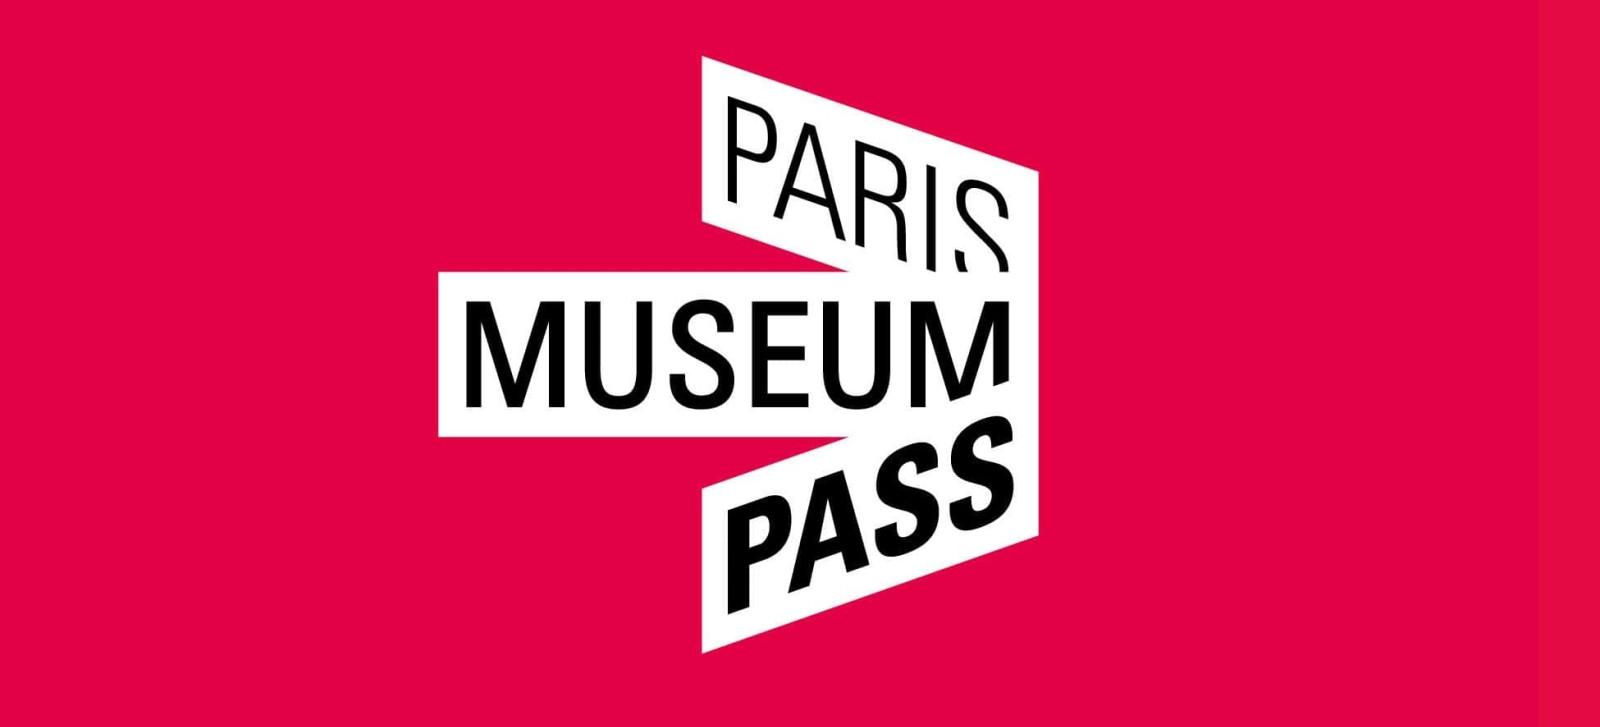 Cartina Fisica Di Parigi.Carta Musei Parigi Paris Museum Pass Info E Costi